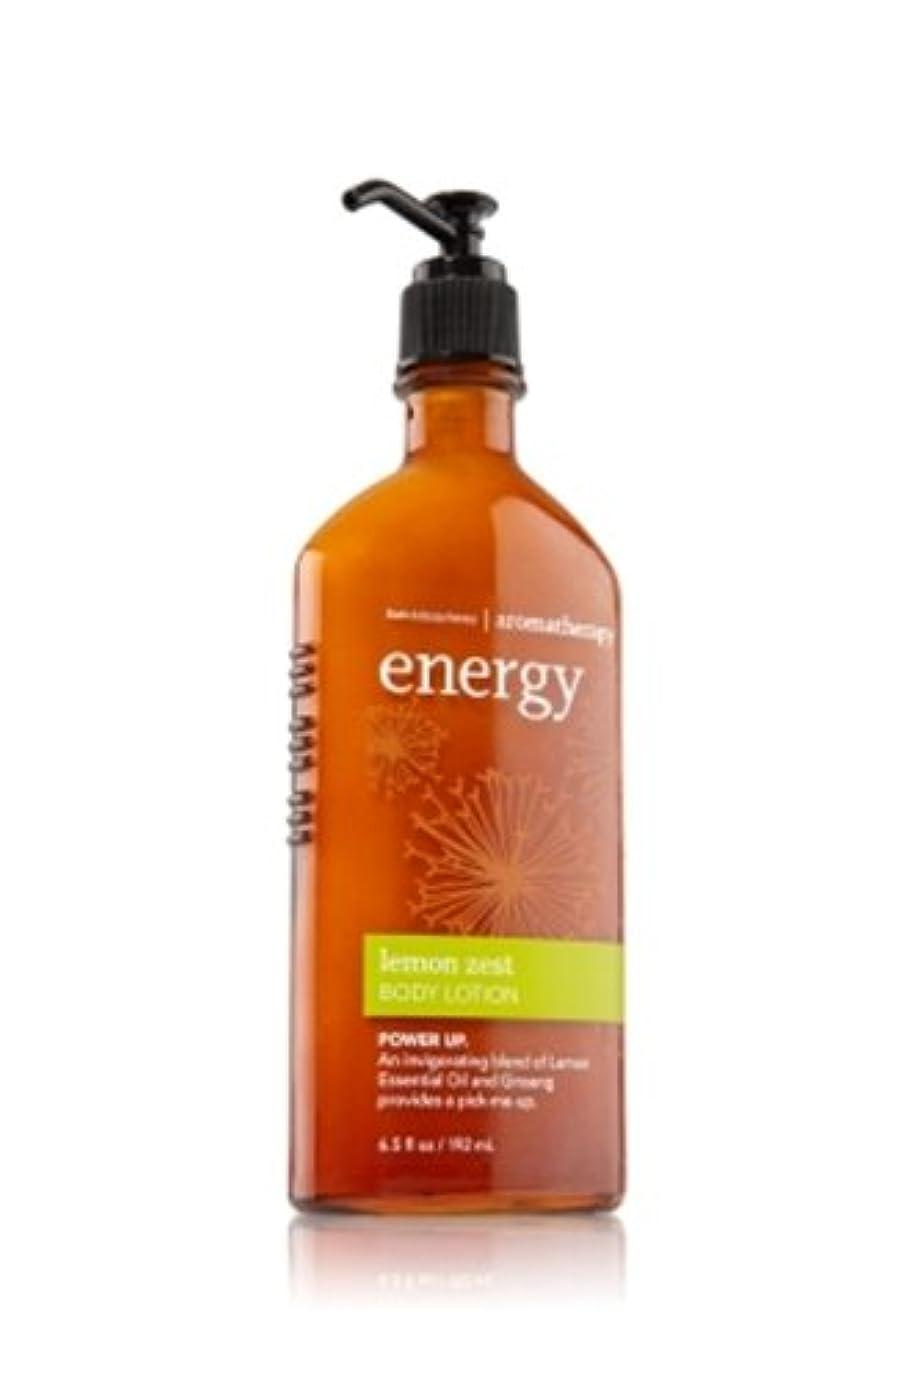 奇跡しっとり電信バス & ボディワークス アロマセラピー エナジー レモンゼスト ボディローション Aromatherapy Energy - Lemon Zest Body Lotion【並行輸入品】